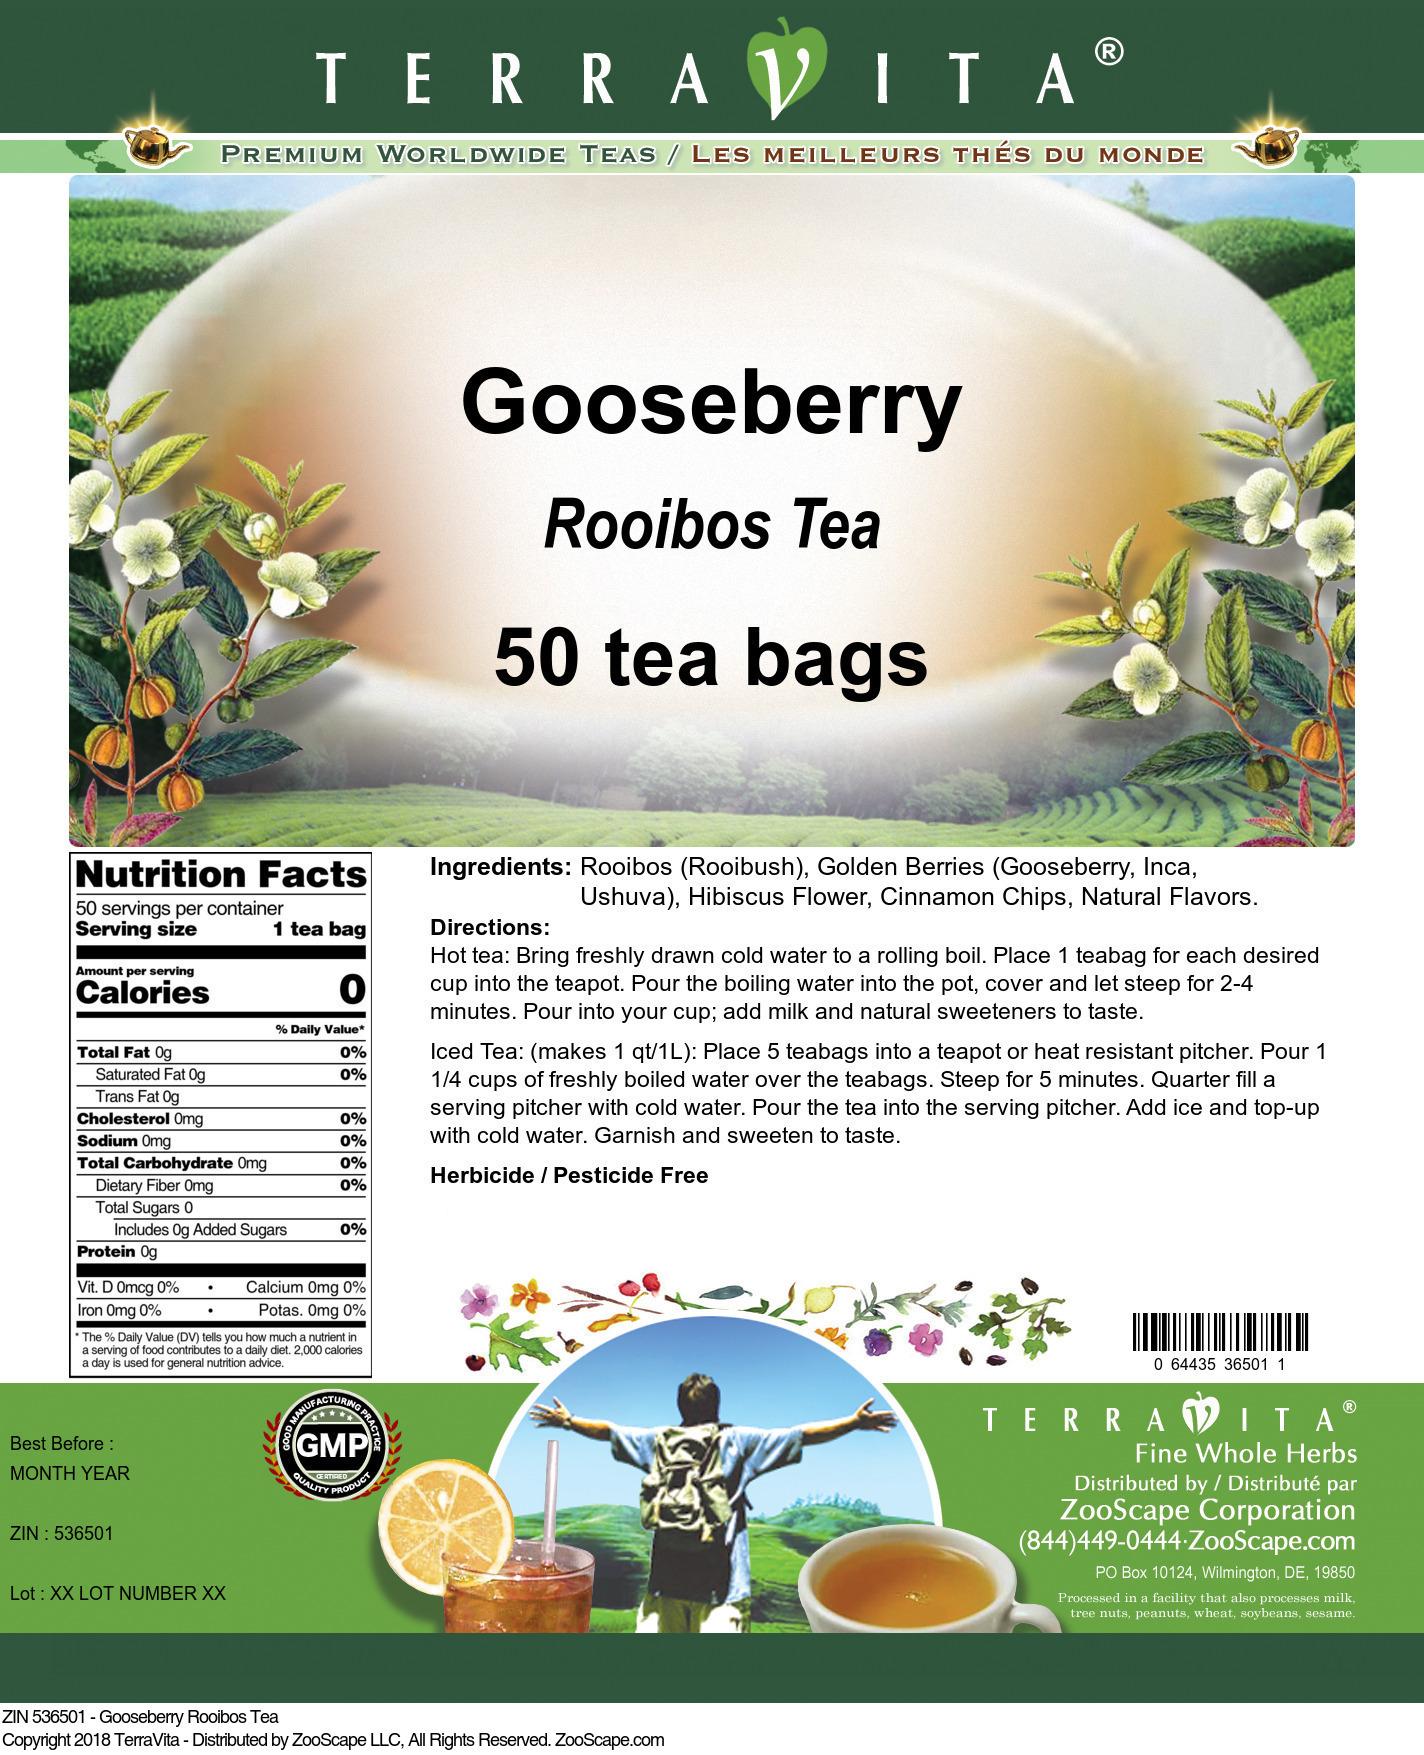 Gooseberry Rooibos Tea